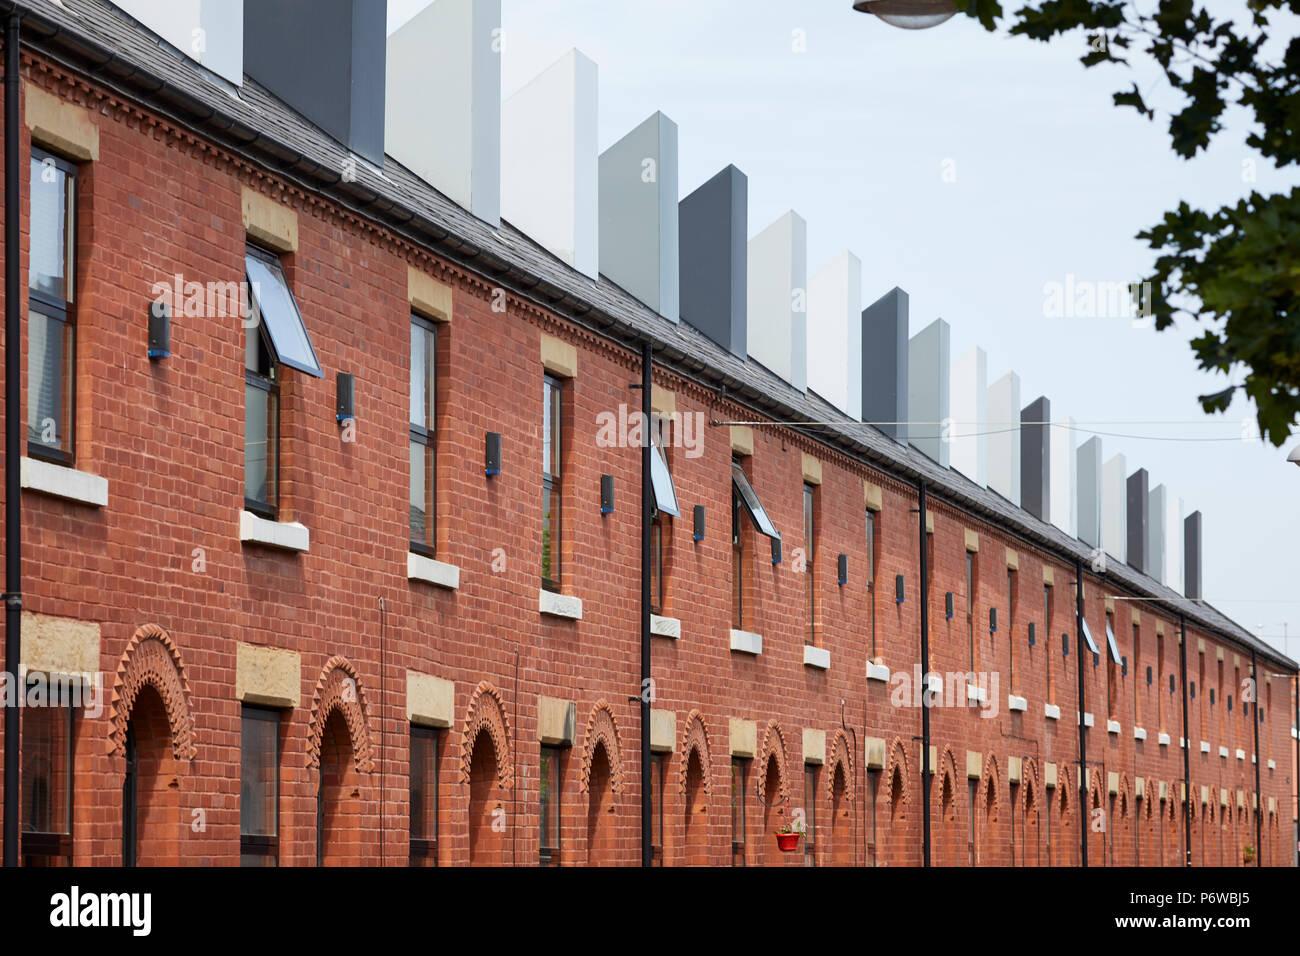 Pot de cheminée Park est une communauté urbaine de maisons à l'envers à Salford, Manchester. rénovation des maisons mitoyennes à langworthy par Urbansplash Photo Stock